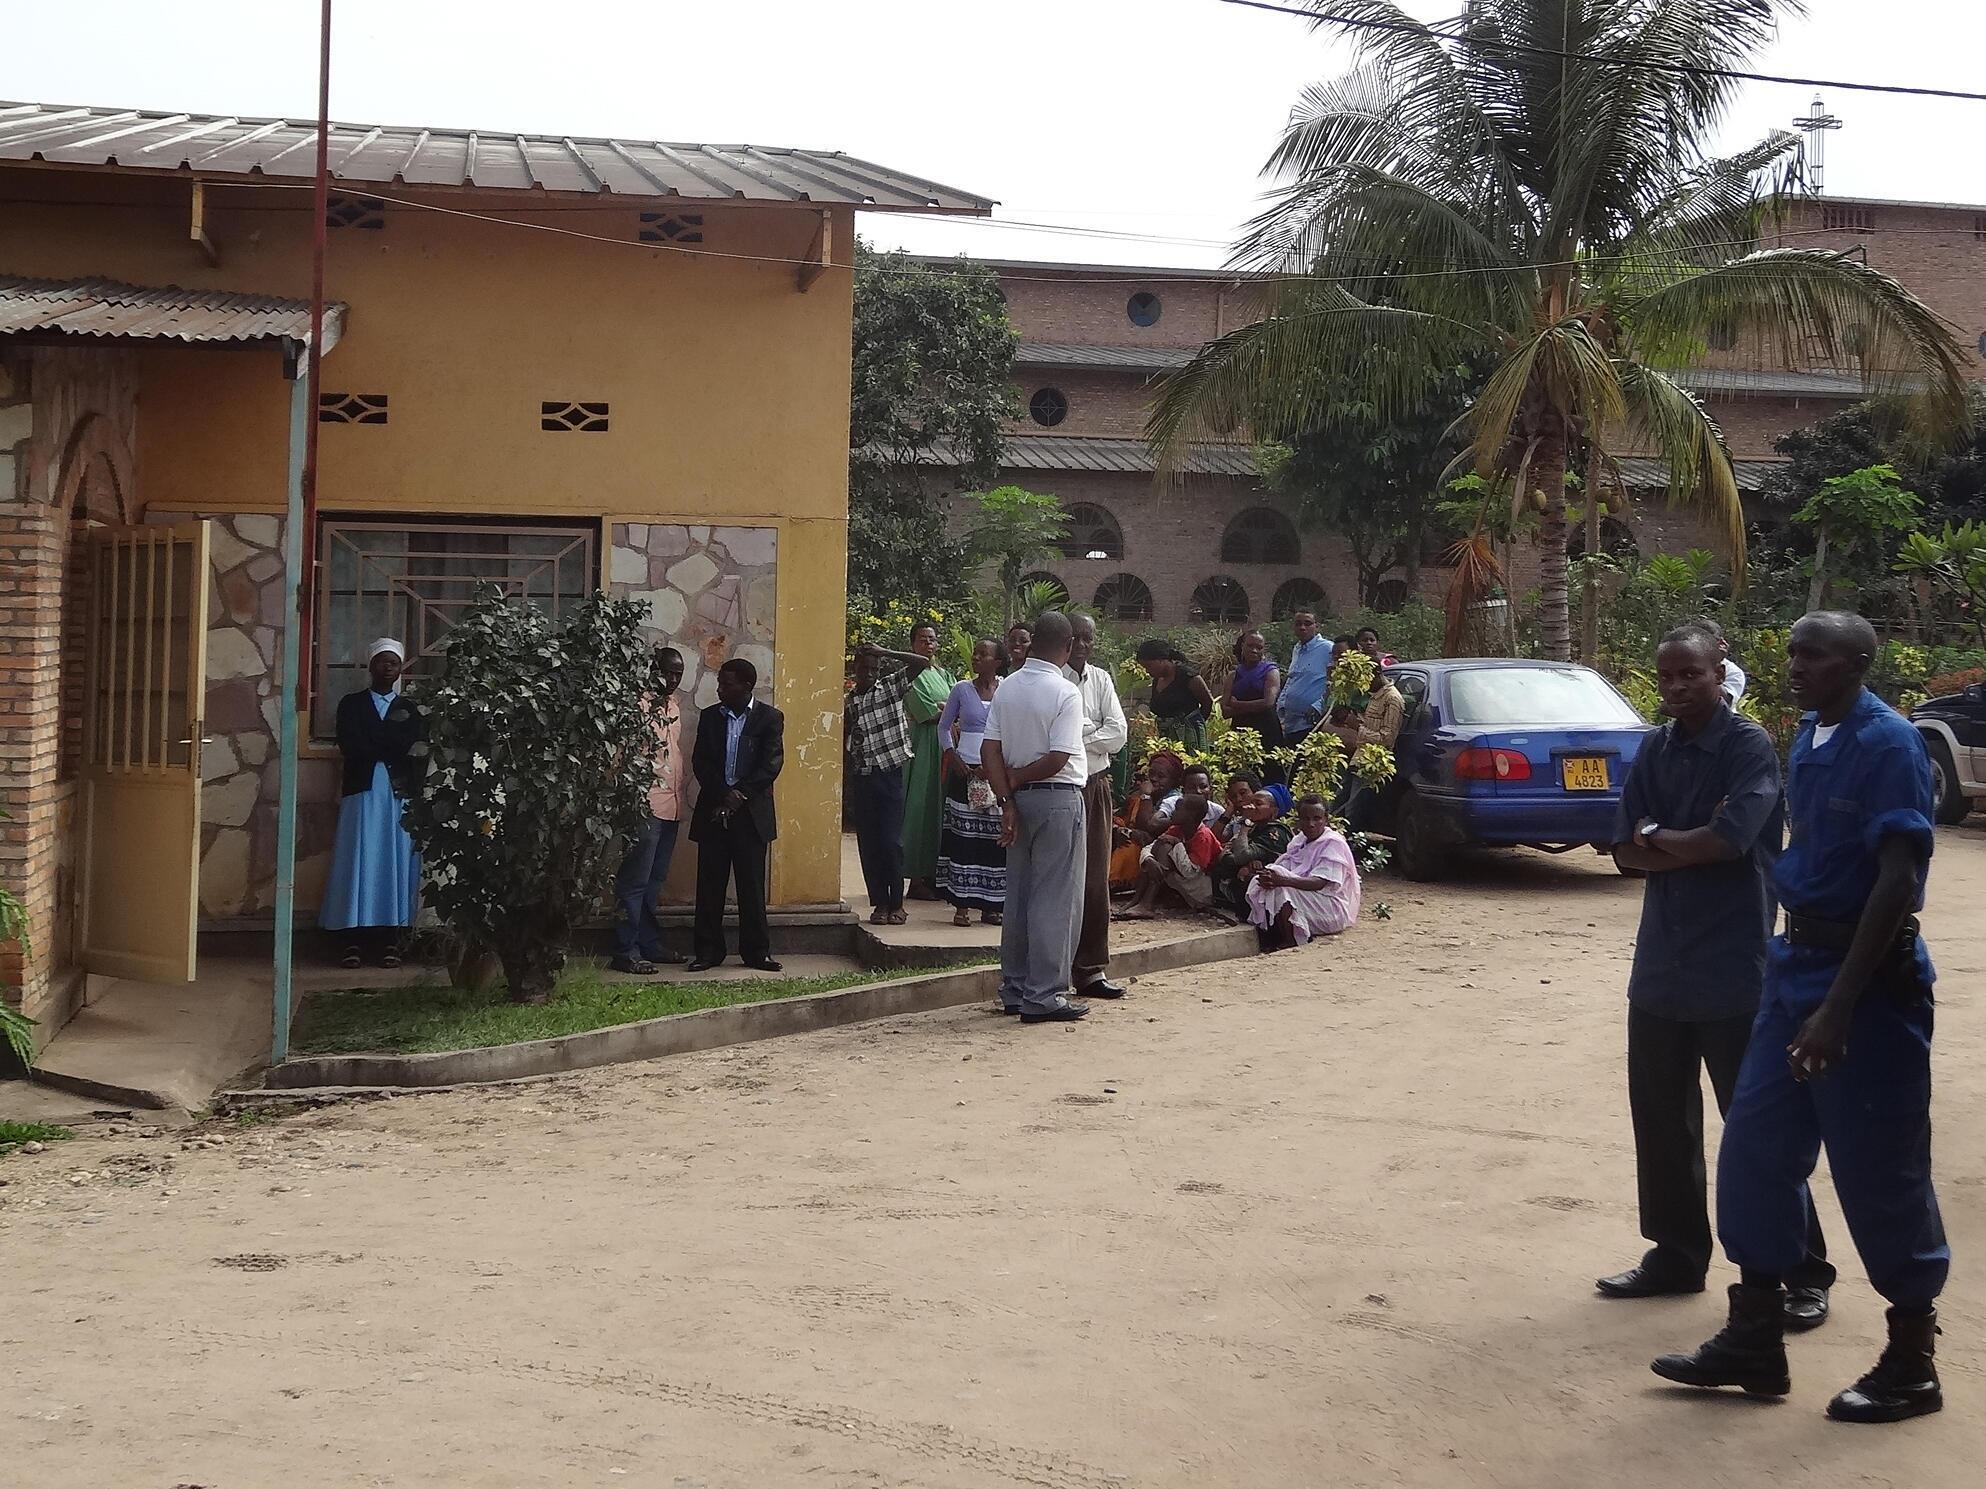 Entrée du petit couvent où ont été tuées les trois religieuses italiennes, à Bujumbura